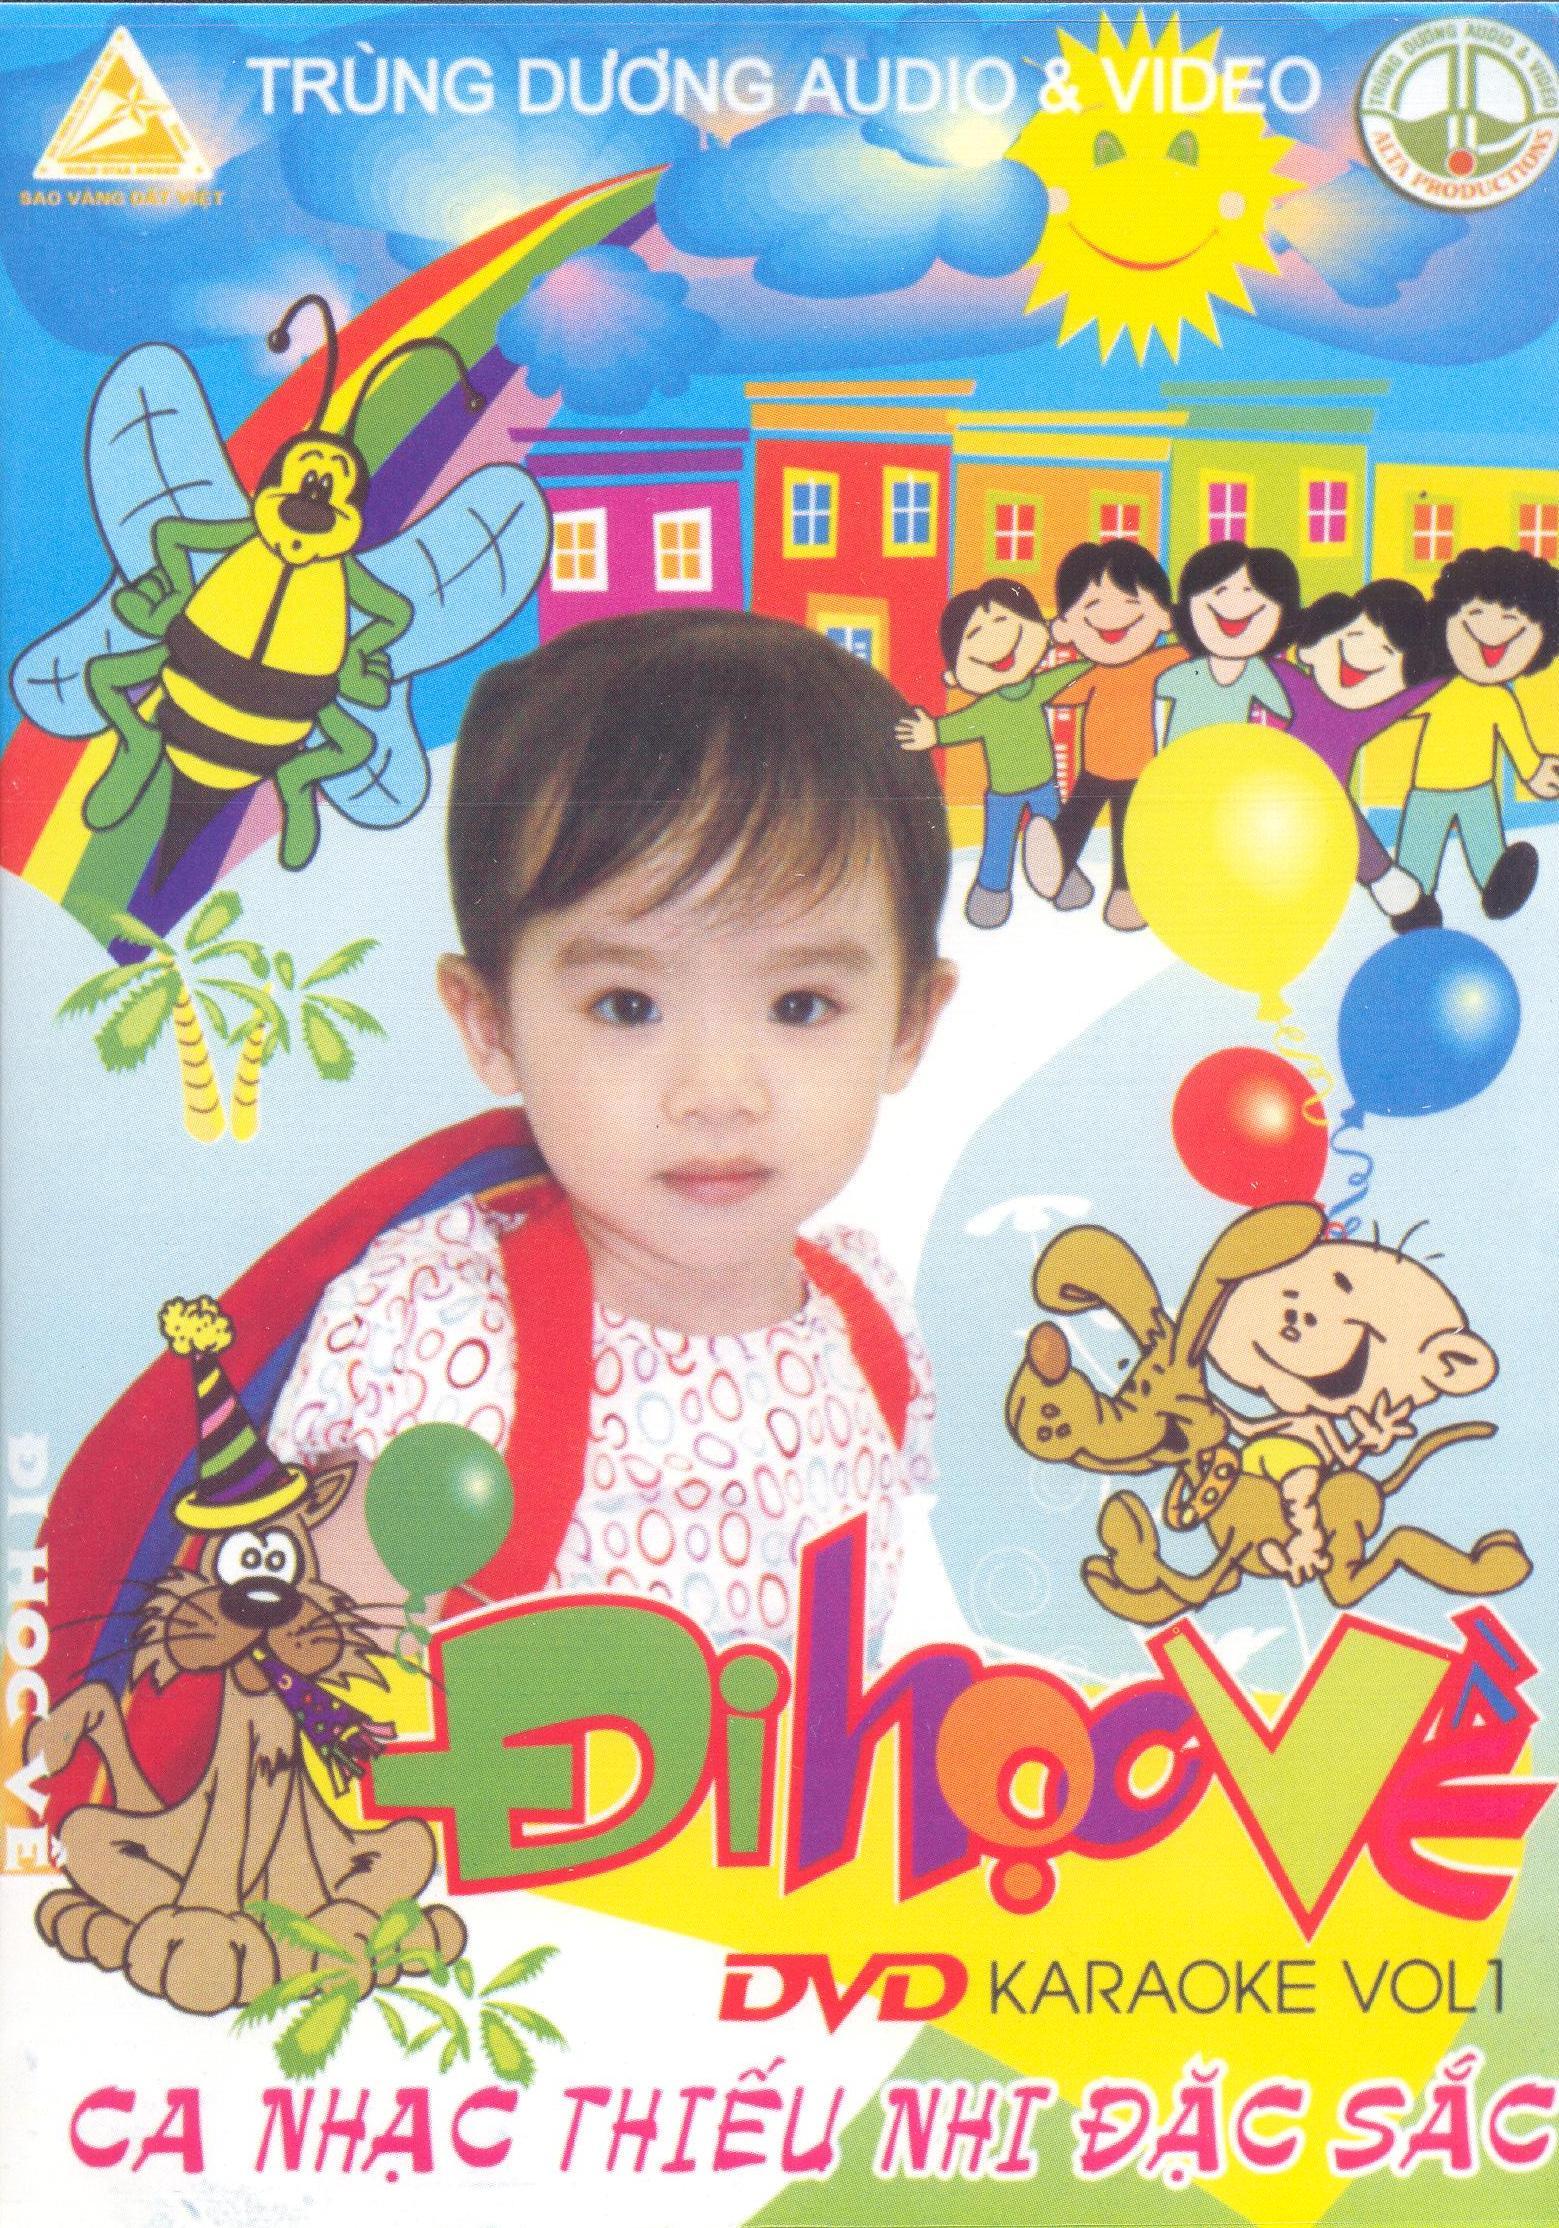 DVD Karaoke Ca Nhạc Thiếu Nhi Đặc Sắc - Đi Học Về (Vol.1) - GIẢM 21%